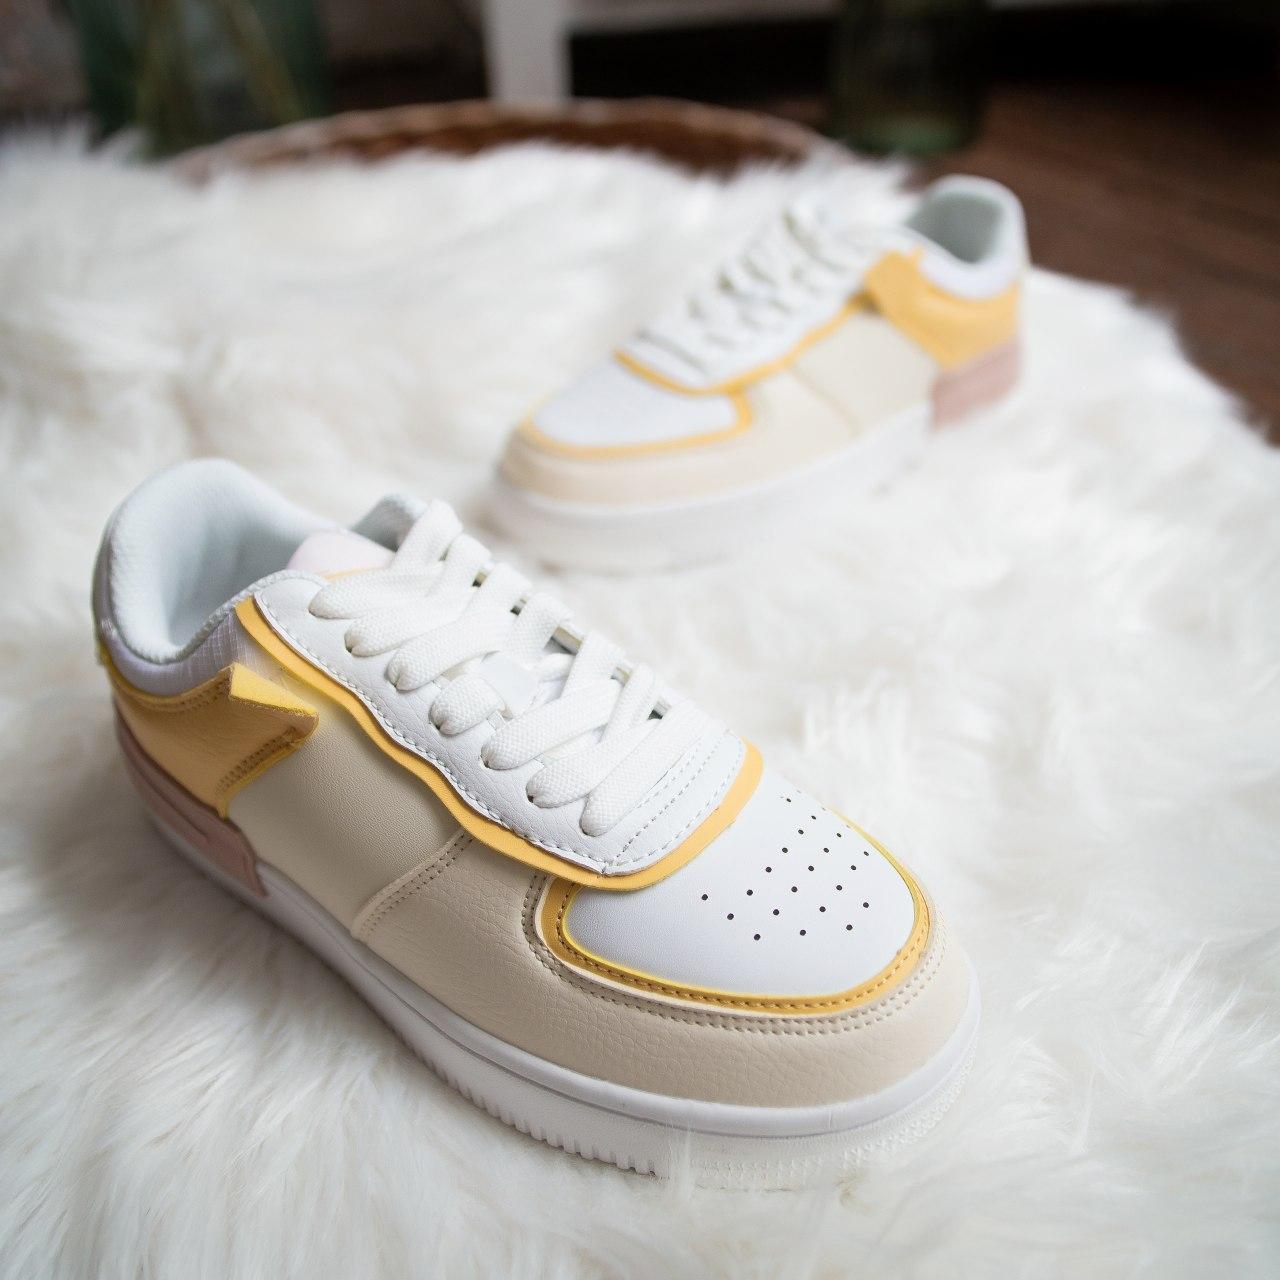 Женские кроссовки Стилли Форс (бежево-желтые)